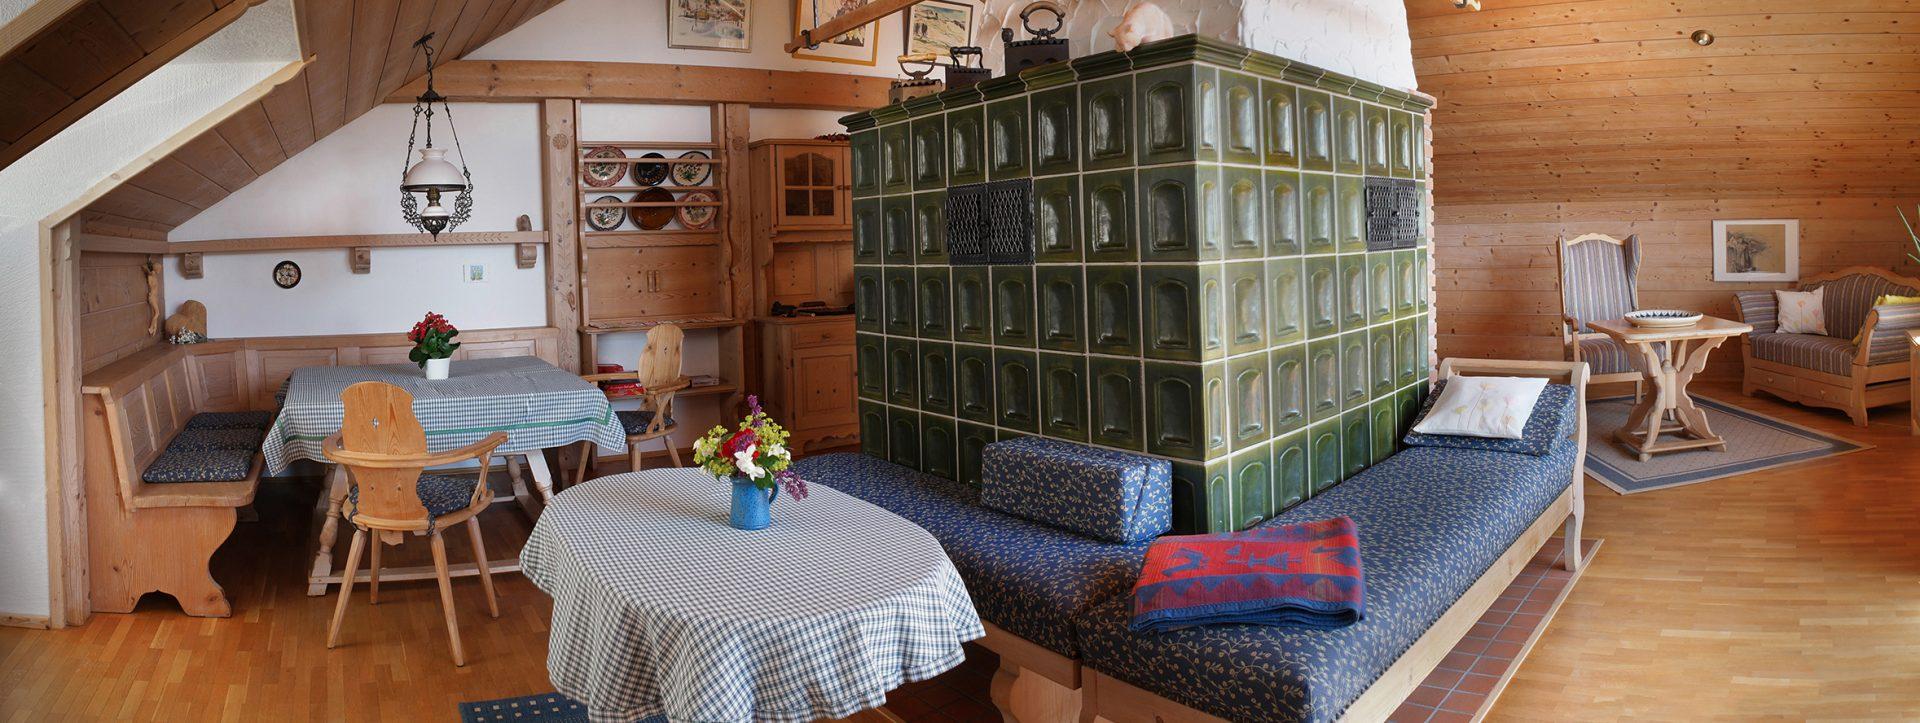 kaminofen-wohnraum-ferienwohnung-rist